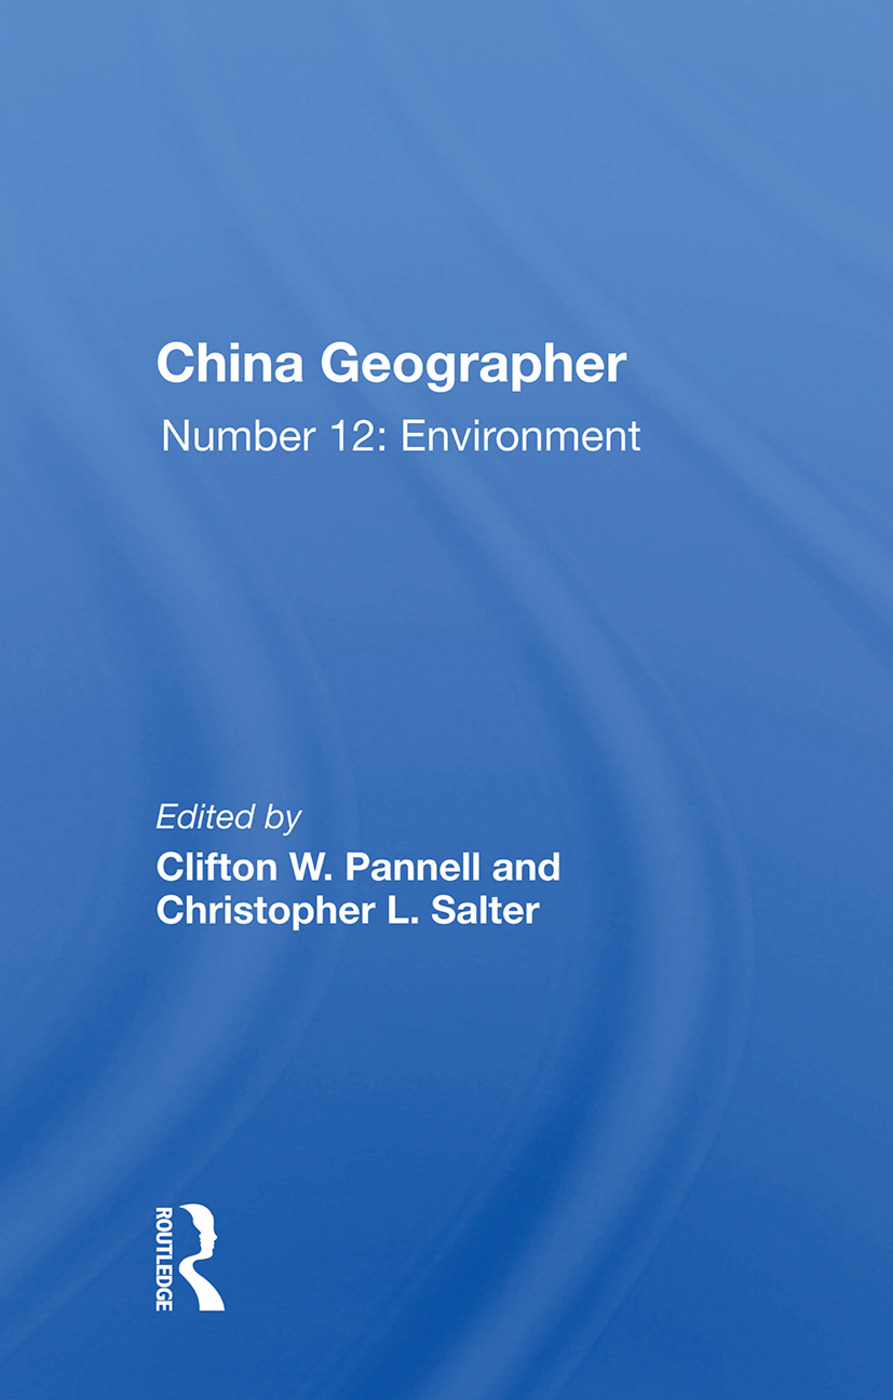 China Geographer